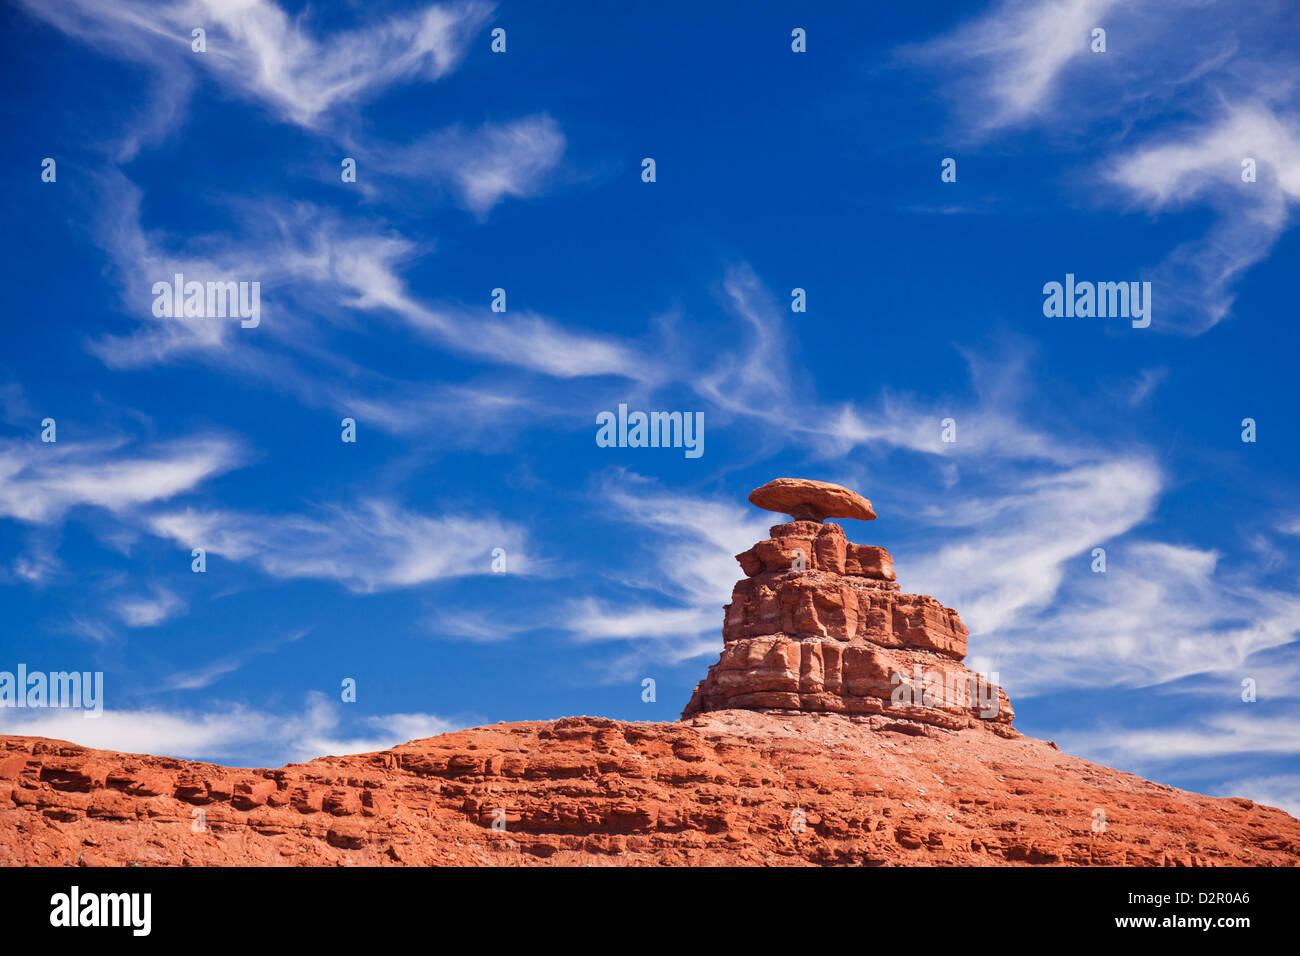 Mexican Hat Rock, Mexican Hat, Utah, Stati Uniti d'America, America del Nord Immagini Stock